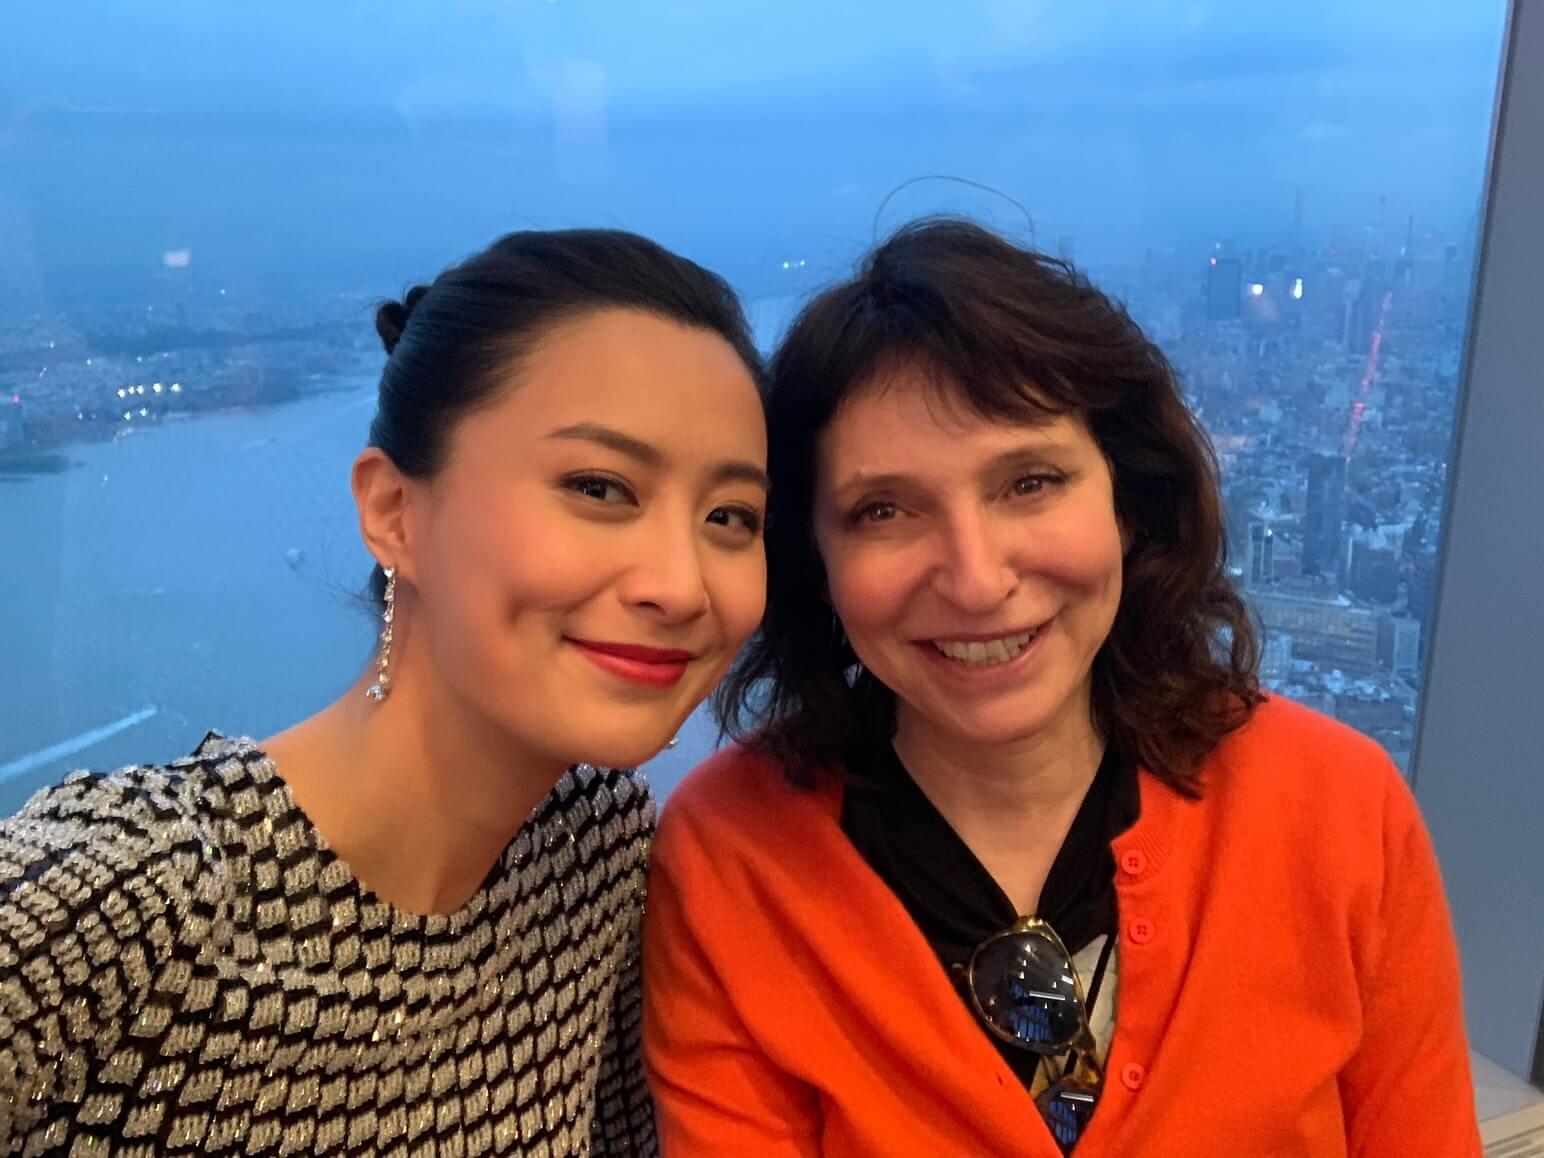 法拉與丹麥女導演蘇珊比爾(Susanne Bier)合照